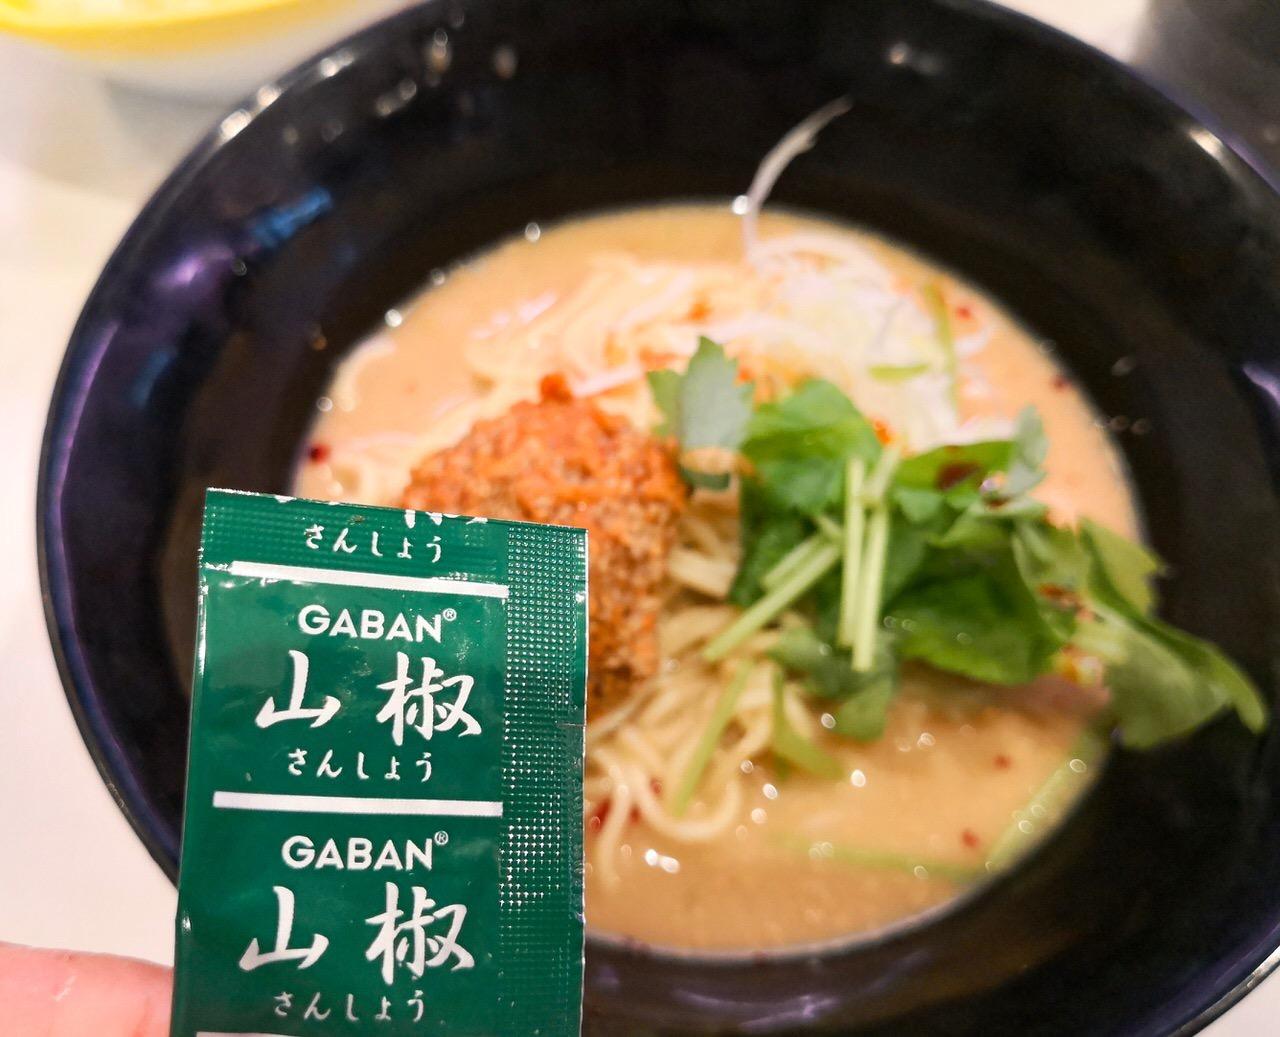 はま寿司の夏メニュー「冷やし担々麺」5